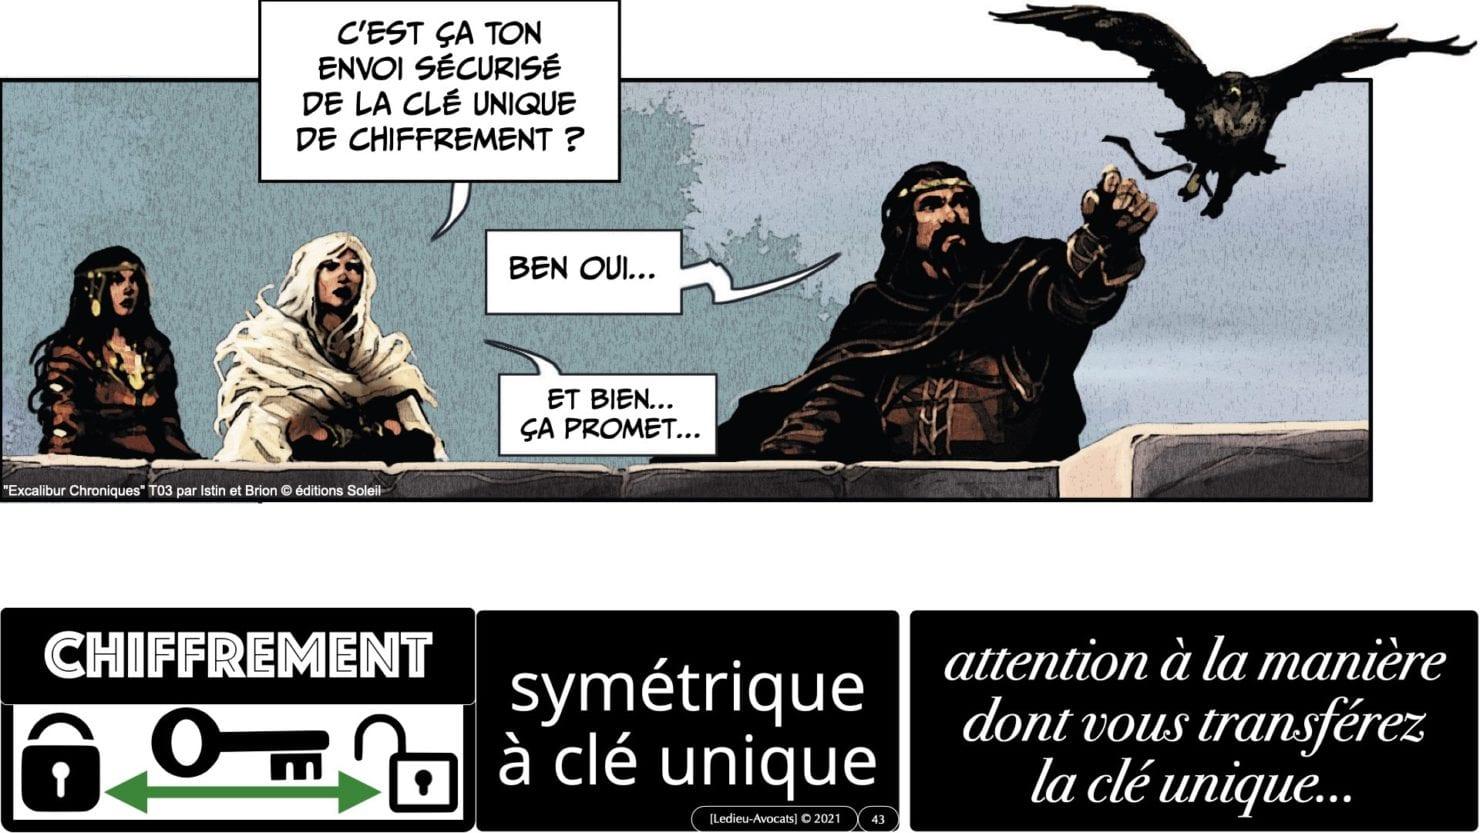 341 chiffrement cryptographie symetrique asymetrique hachage cryptographique TECHNIQUE JURIDIQUE © Ledieu-Avocat 12-07-2021.043